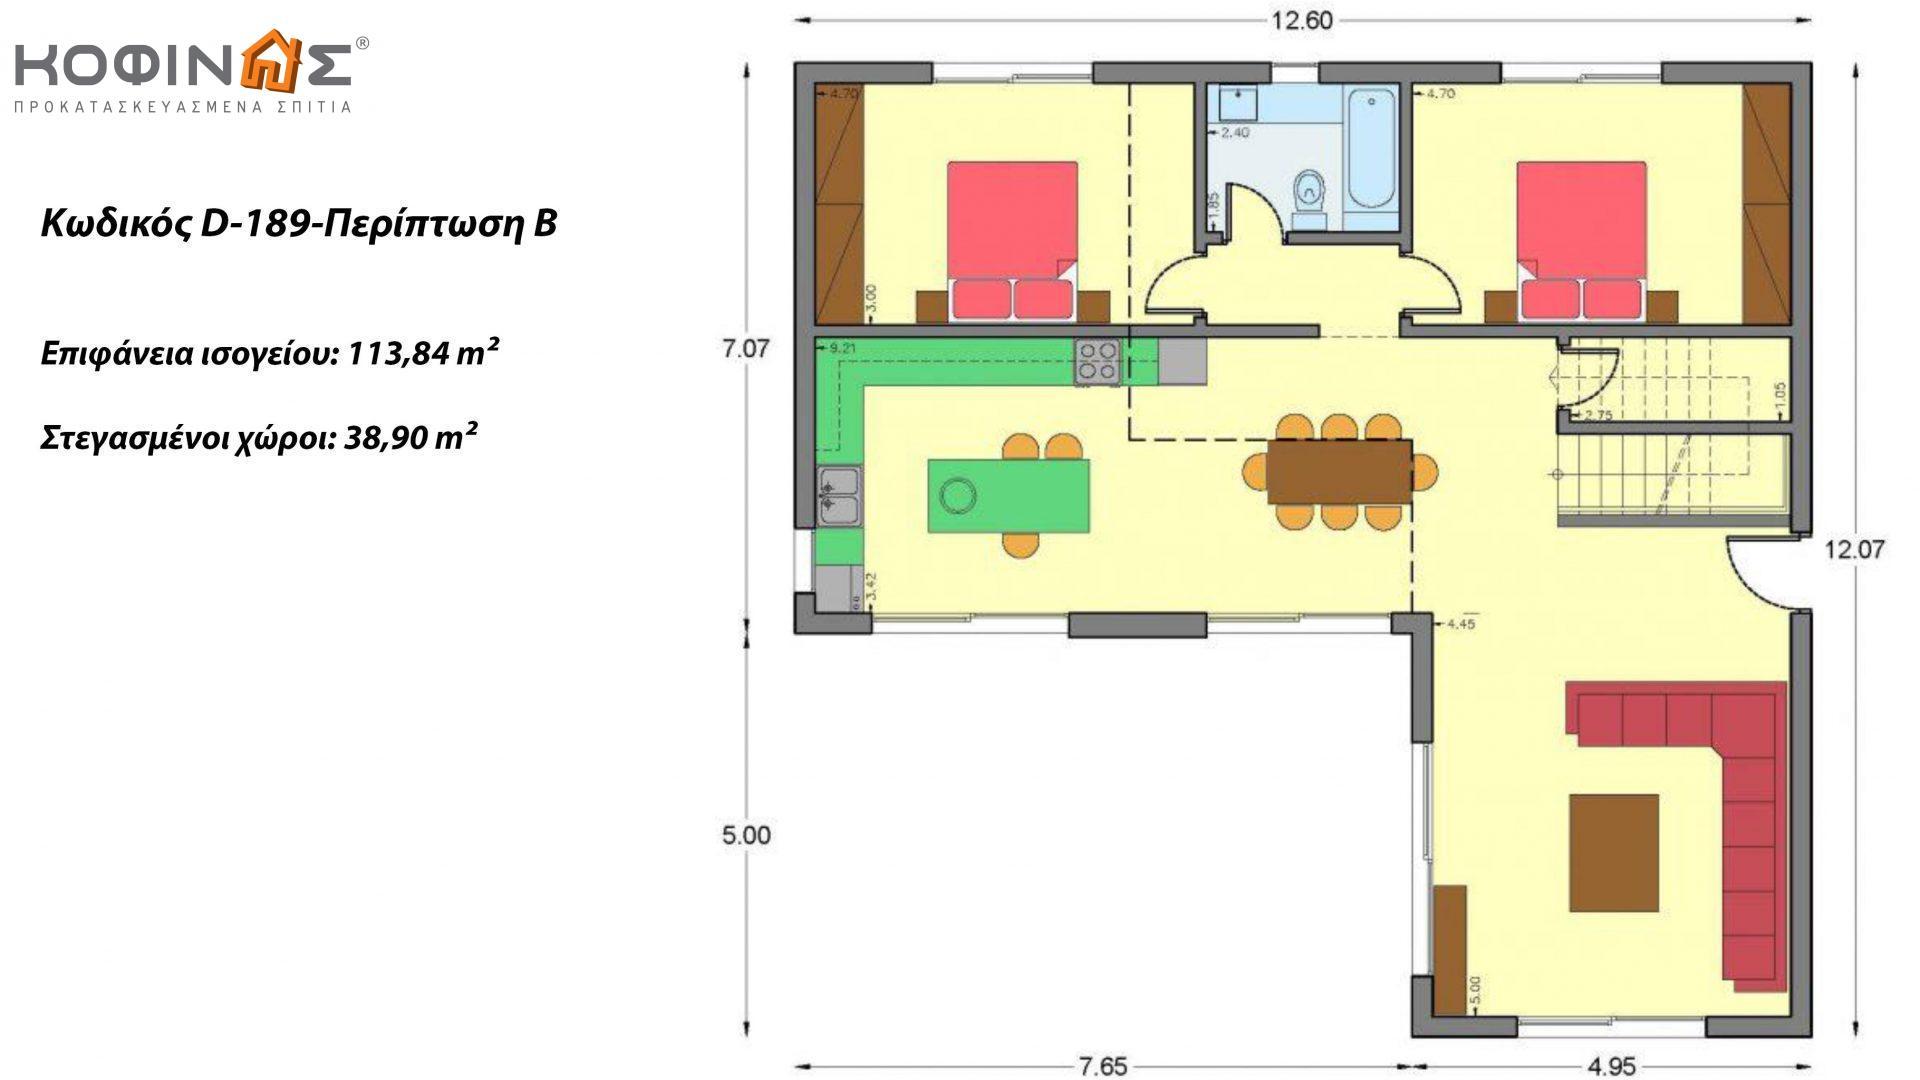 Διώροφη Κατοικία D-189, συνολικής επιφάνειας 189.61 τ.μ., συνολική επιφάνεια στεγασμένων χώρων 38.90 τ.μ., μπαλκόνια 38.07 τ.μ.